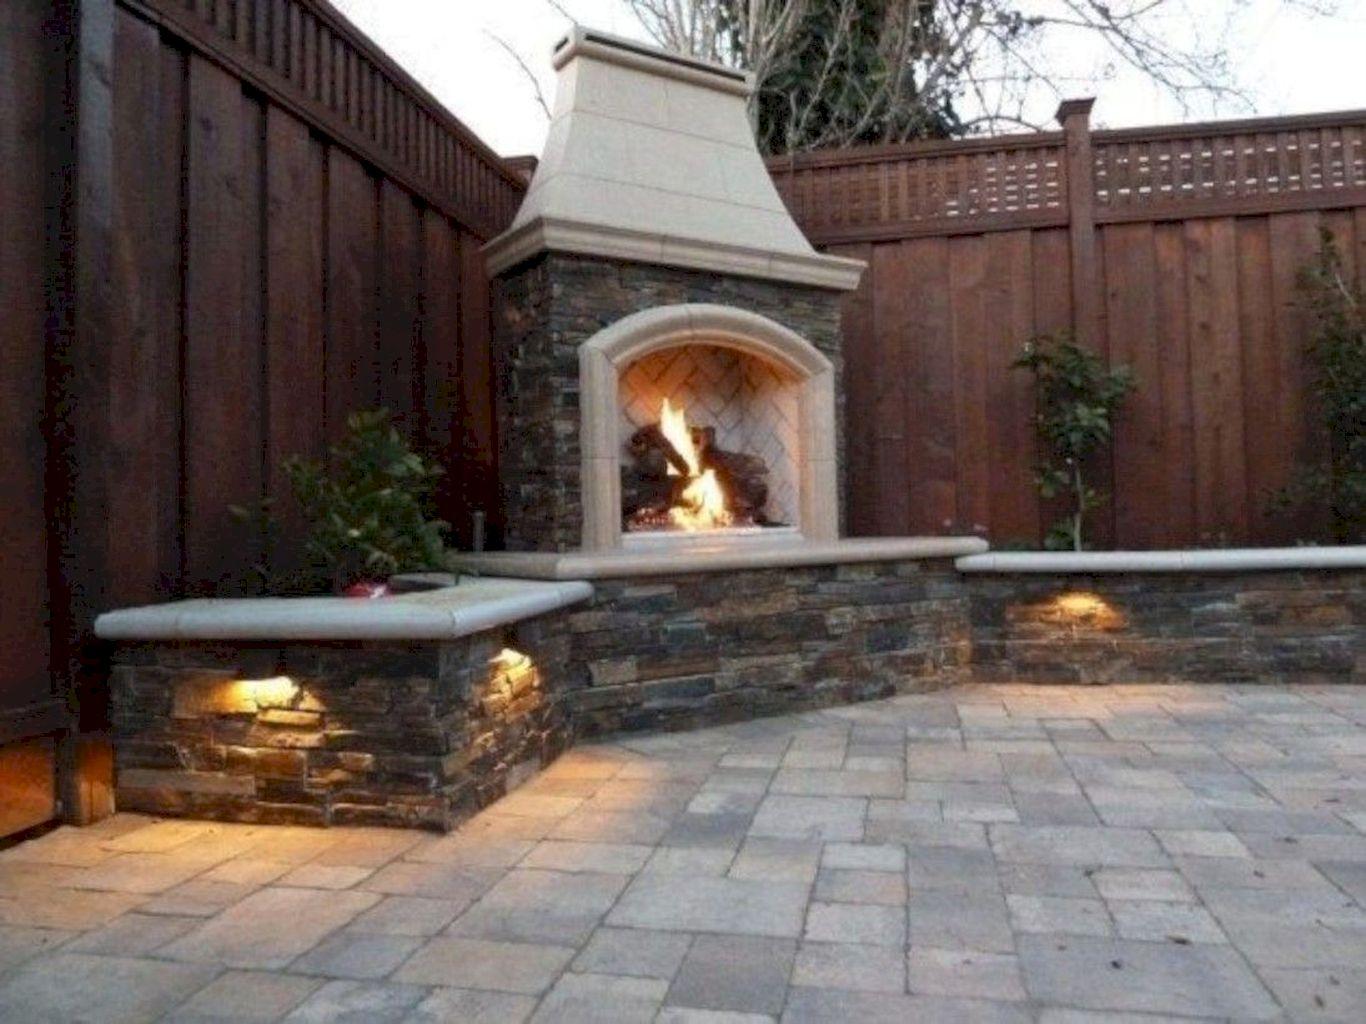 Backyard Fireplace091